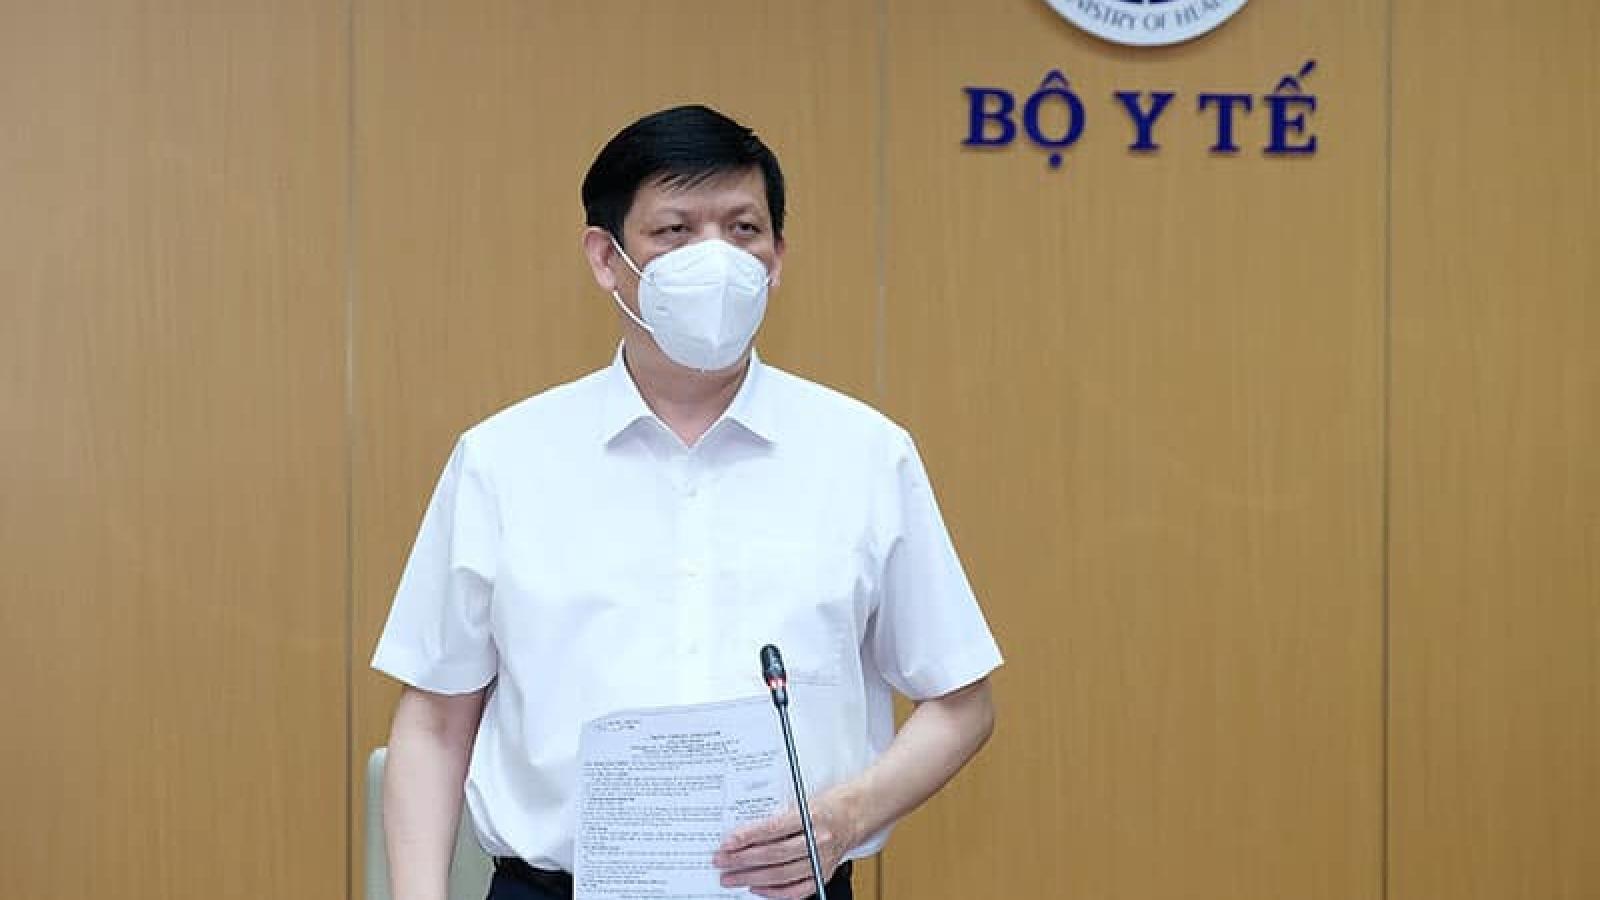 Bộ trưởng Y tế: Tiến tới tập huấn cho công nhân tự lấy mẫu xét nghiệm Covid-19